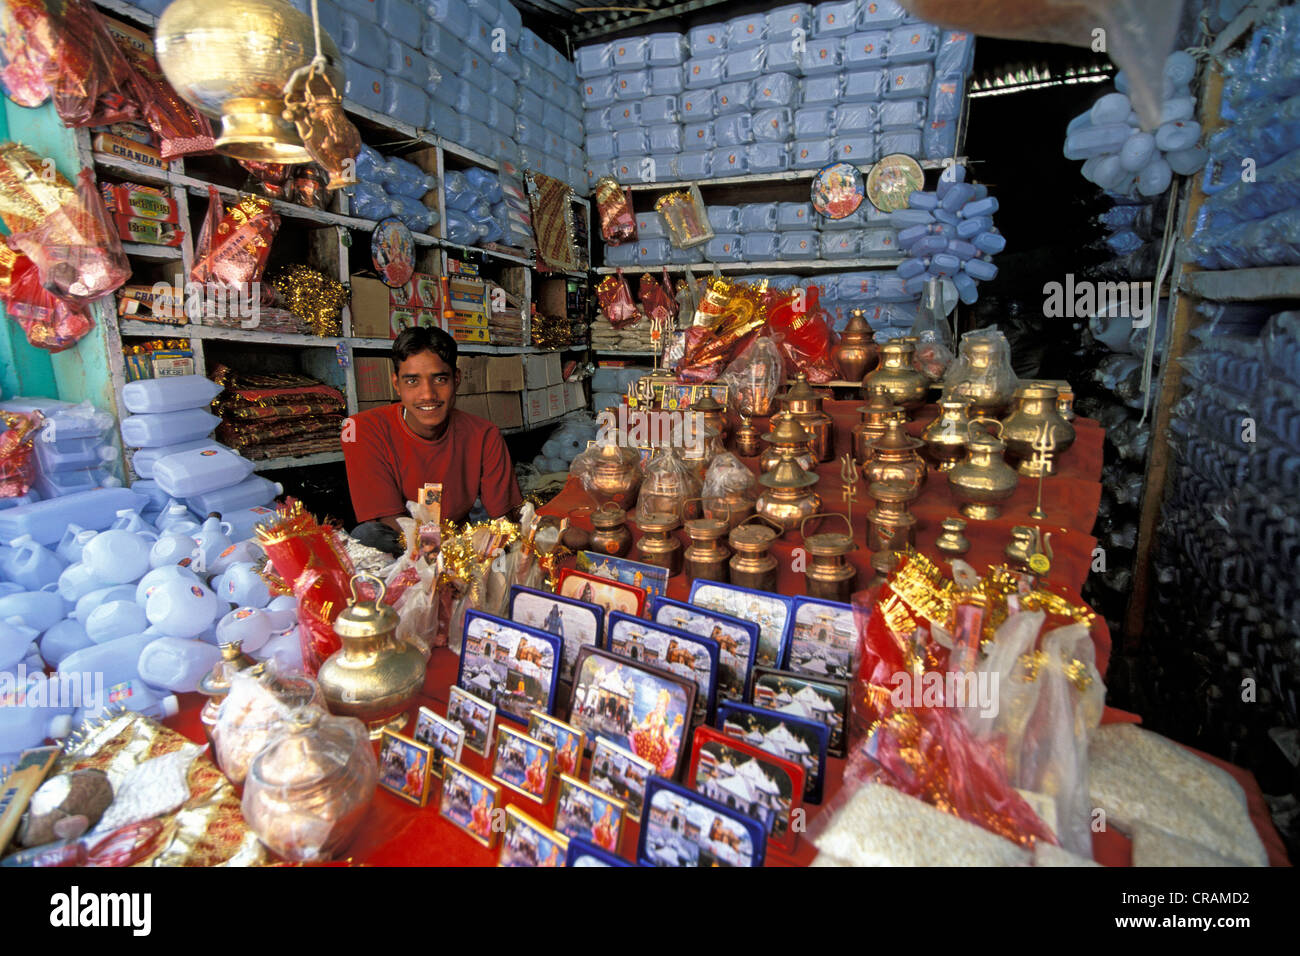 Merchant selling devotional objects, Gangotri, Indian Himalayas, Uttarakhand, formerly Uttaranchal, India, Asia - Stock Image